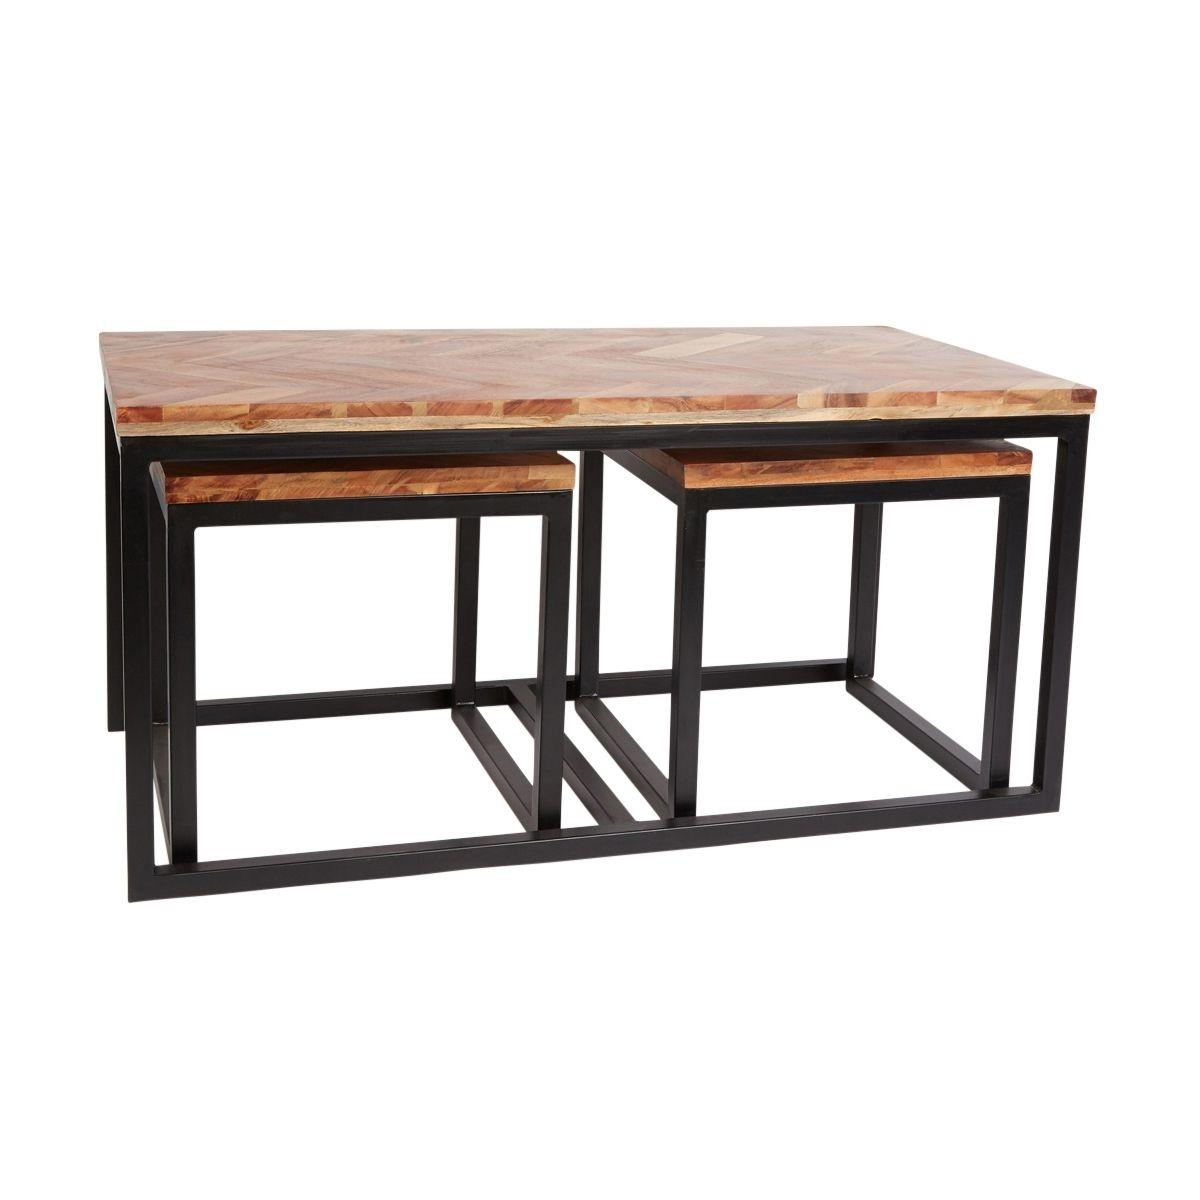 Set De 3 Tables Basses Ongrie Bois D'acacia